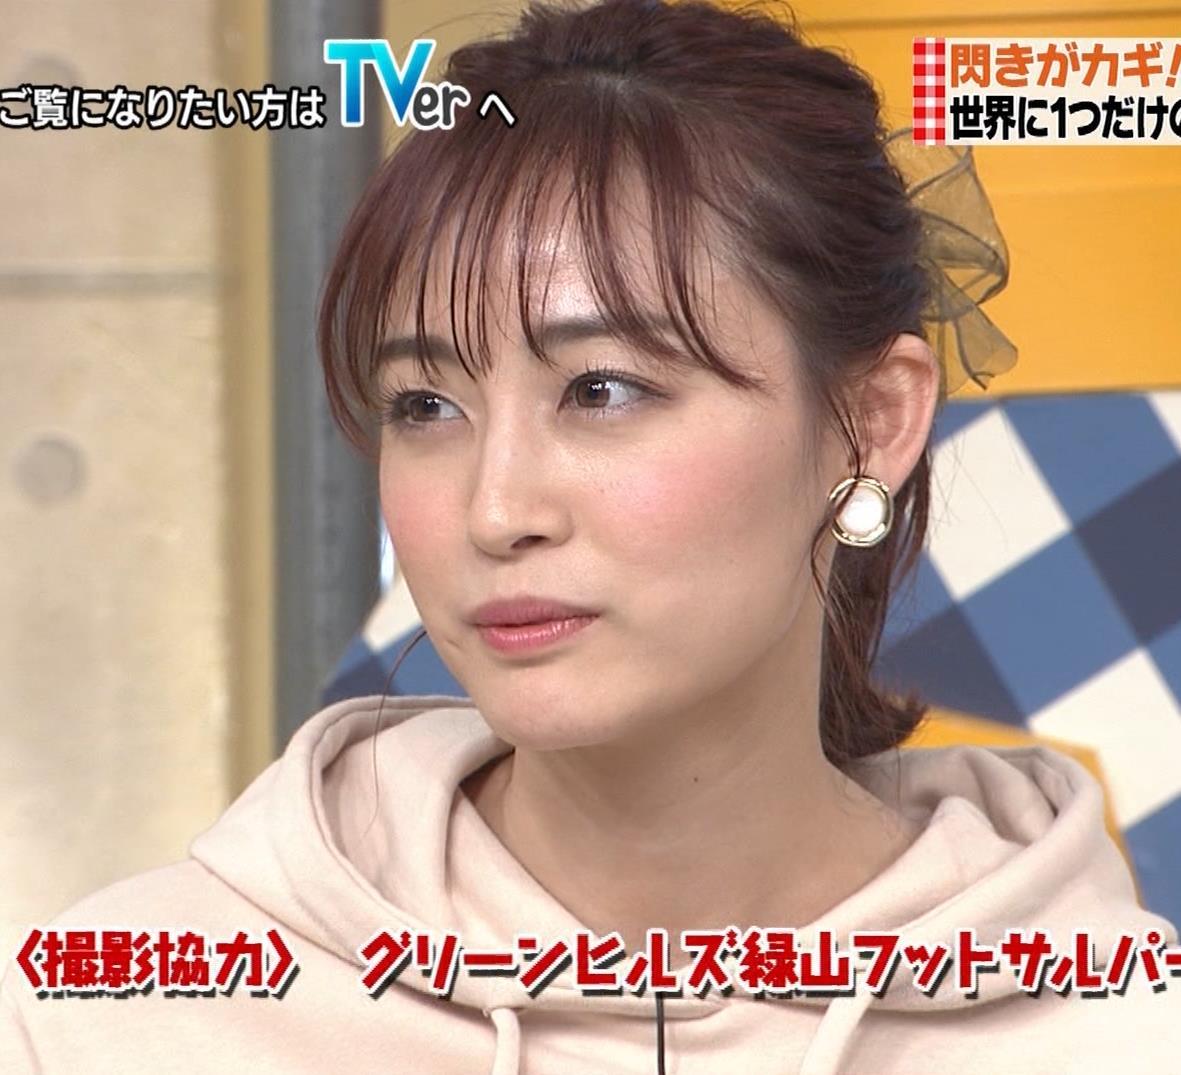 新井絵理奈 かわいいポニーテール&ちょっと胸が目立つキャプ・エロ画像18